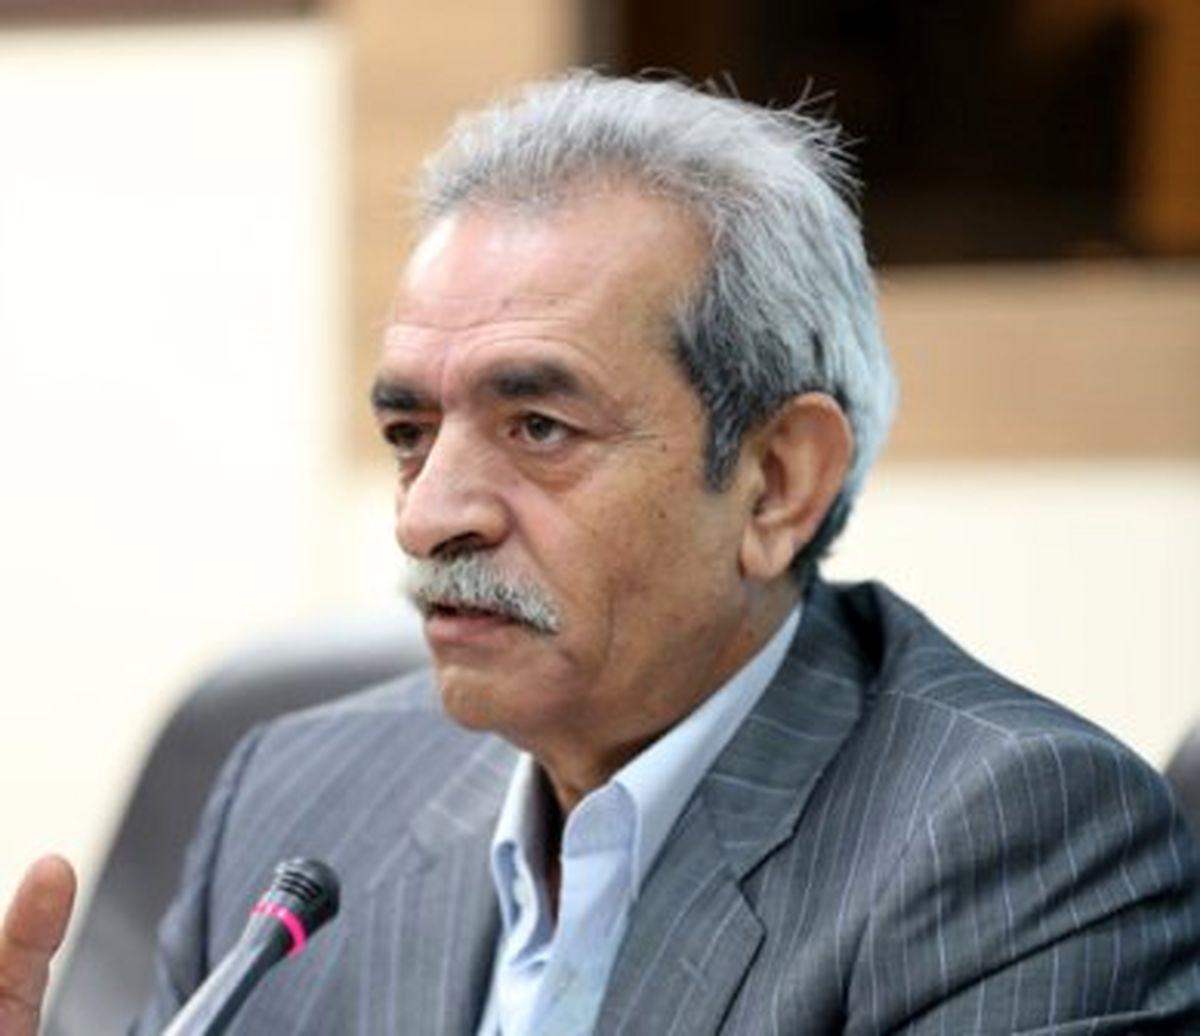 شافعی: دریچه جدید اقتصادی بر روی ایران در پسابرجام باز شد